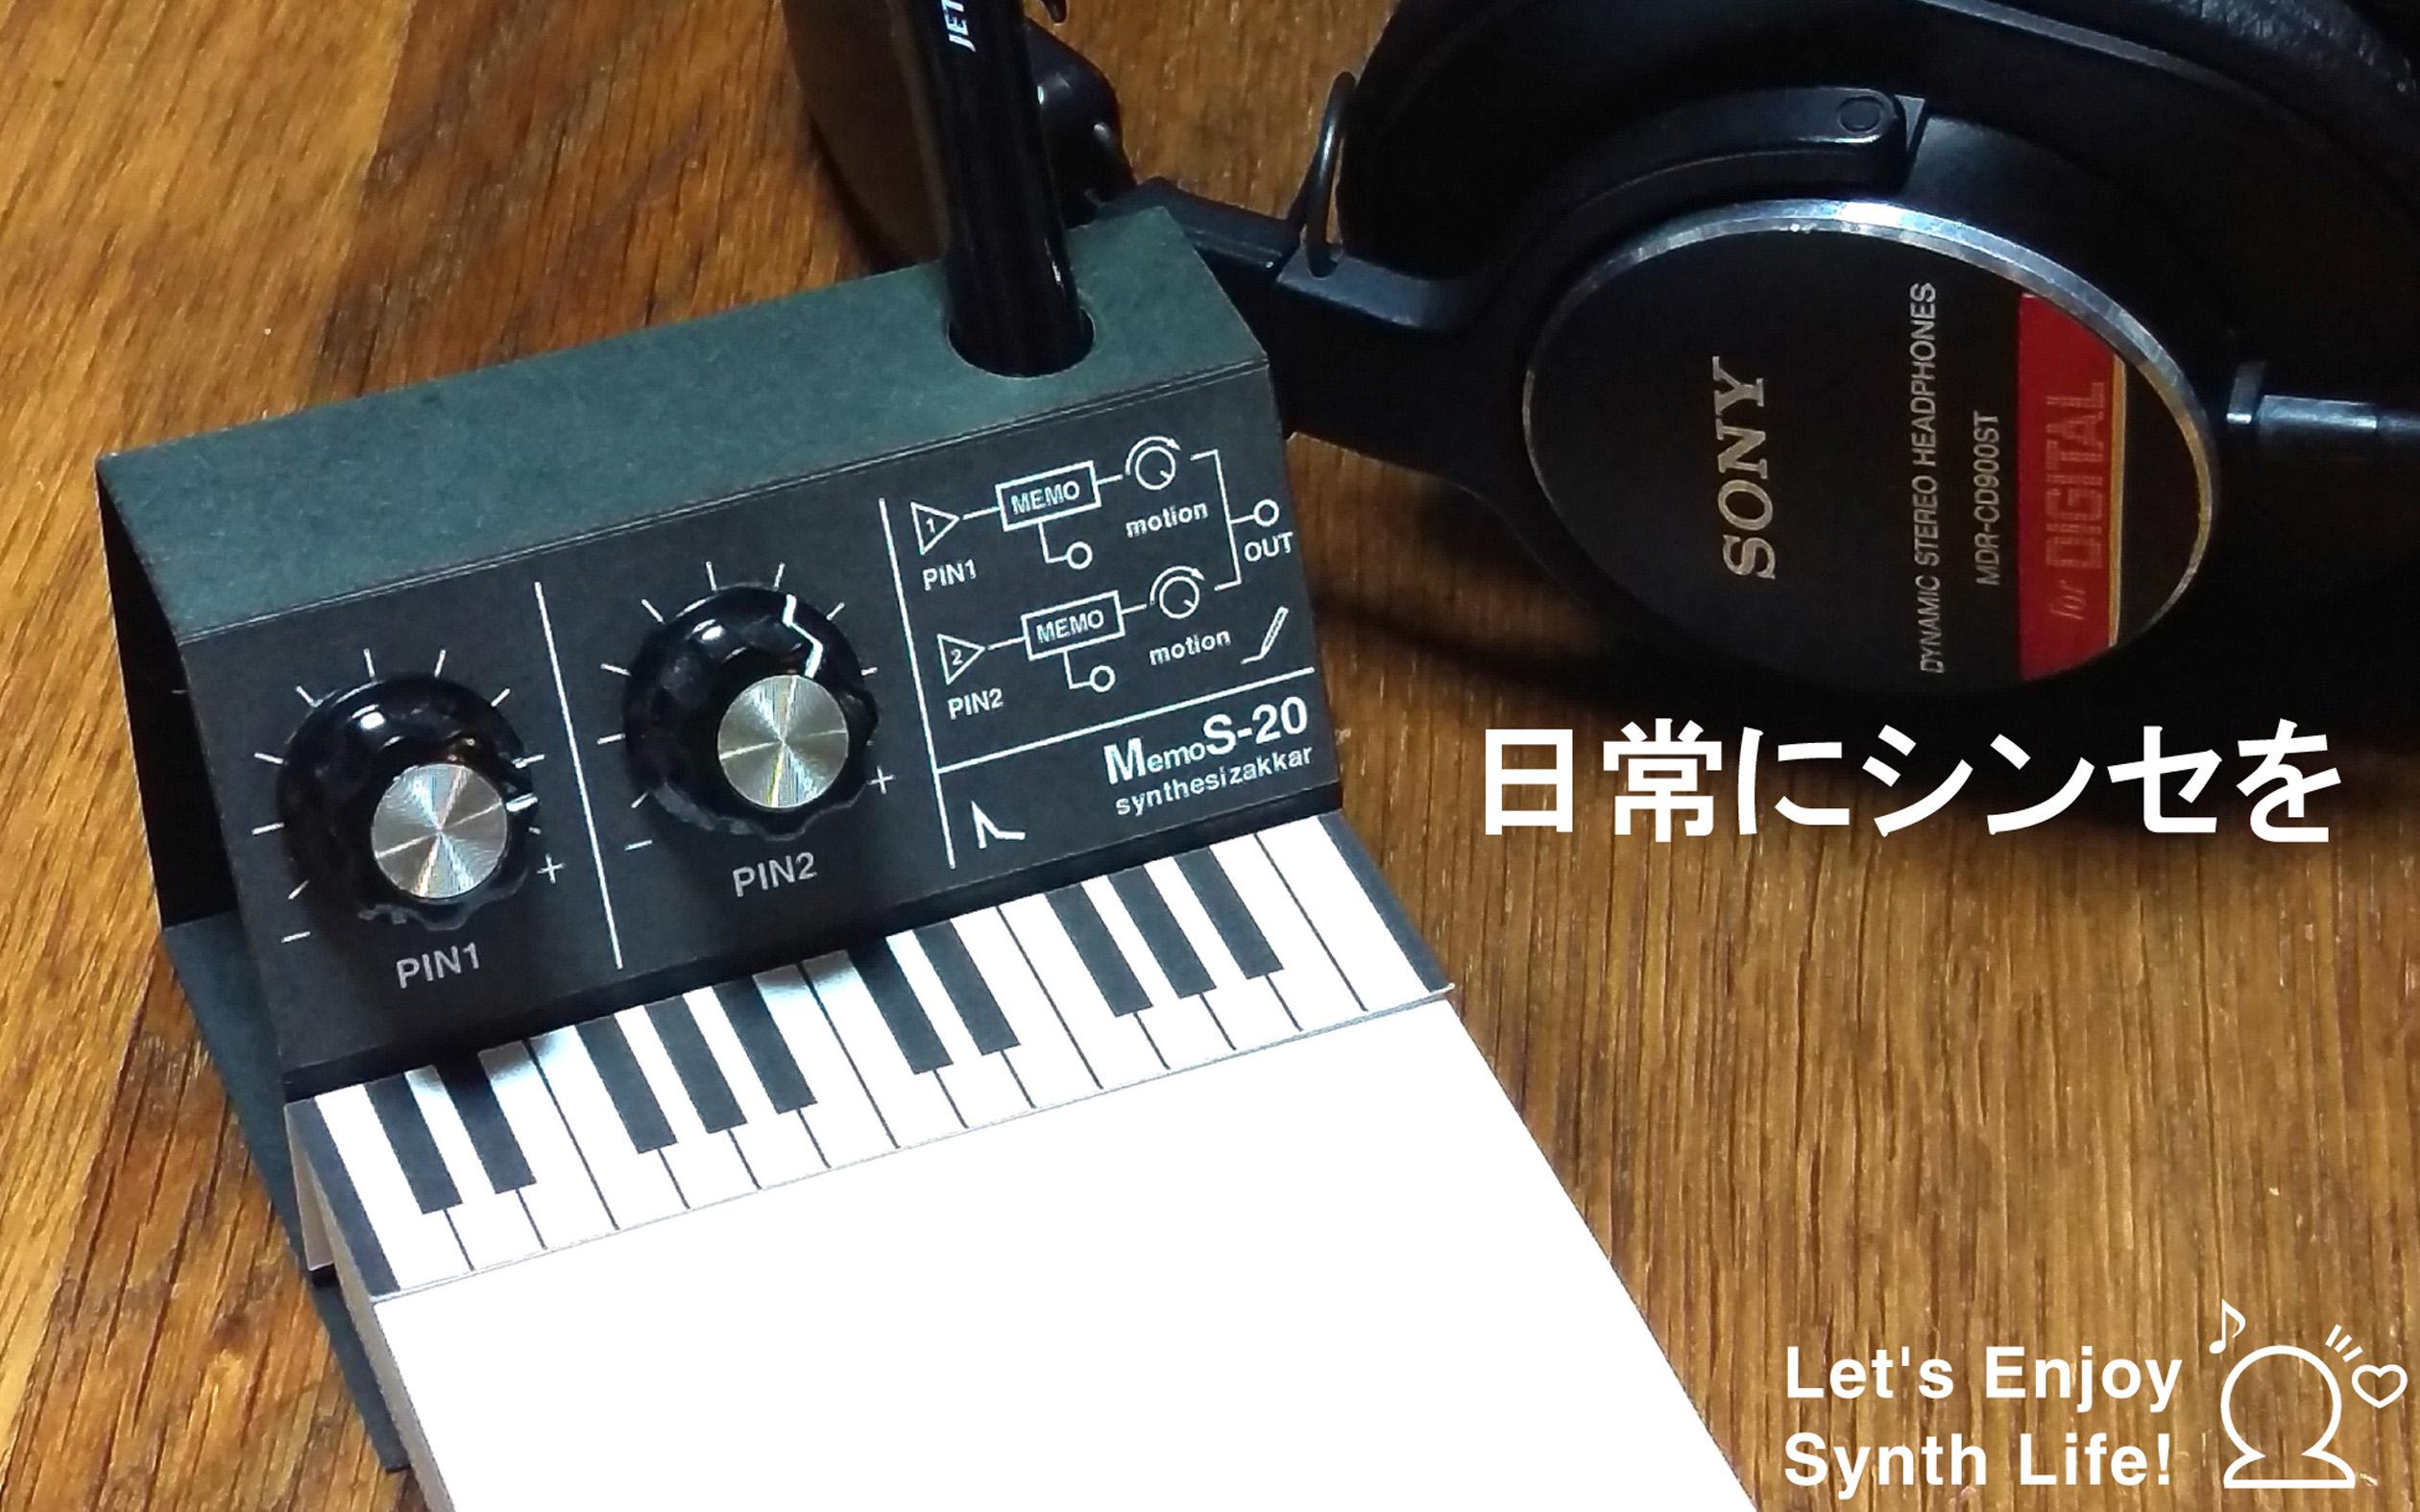 シンセサイザッカー紹介画像1